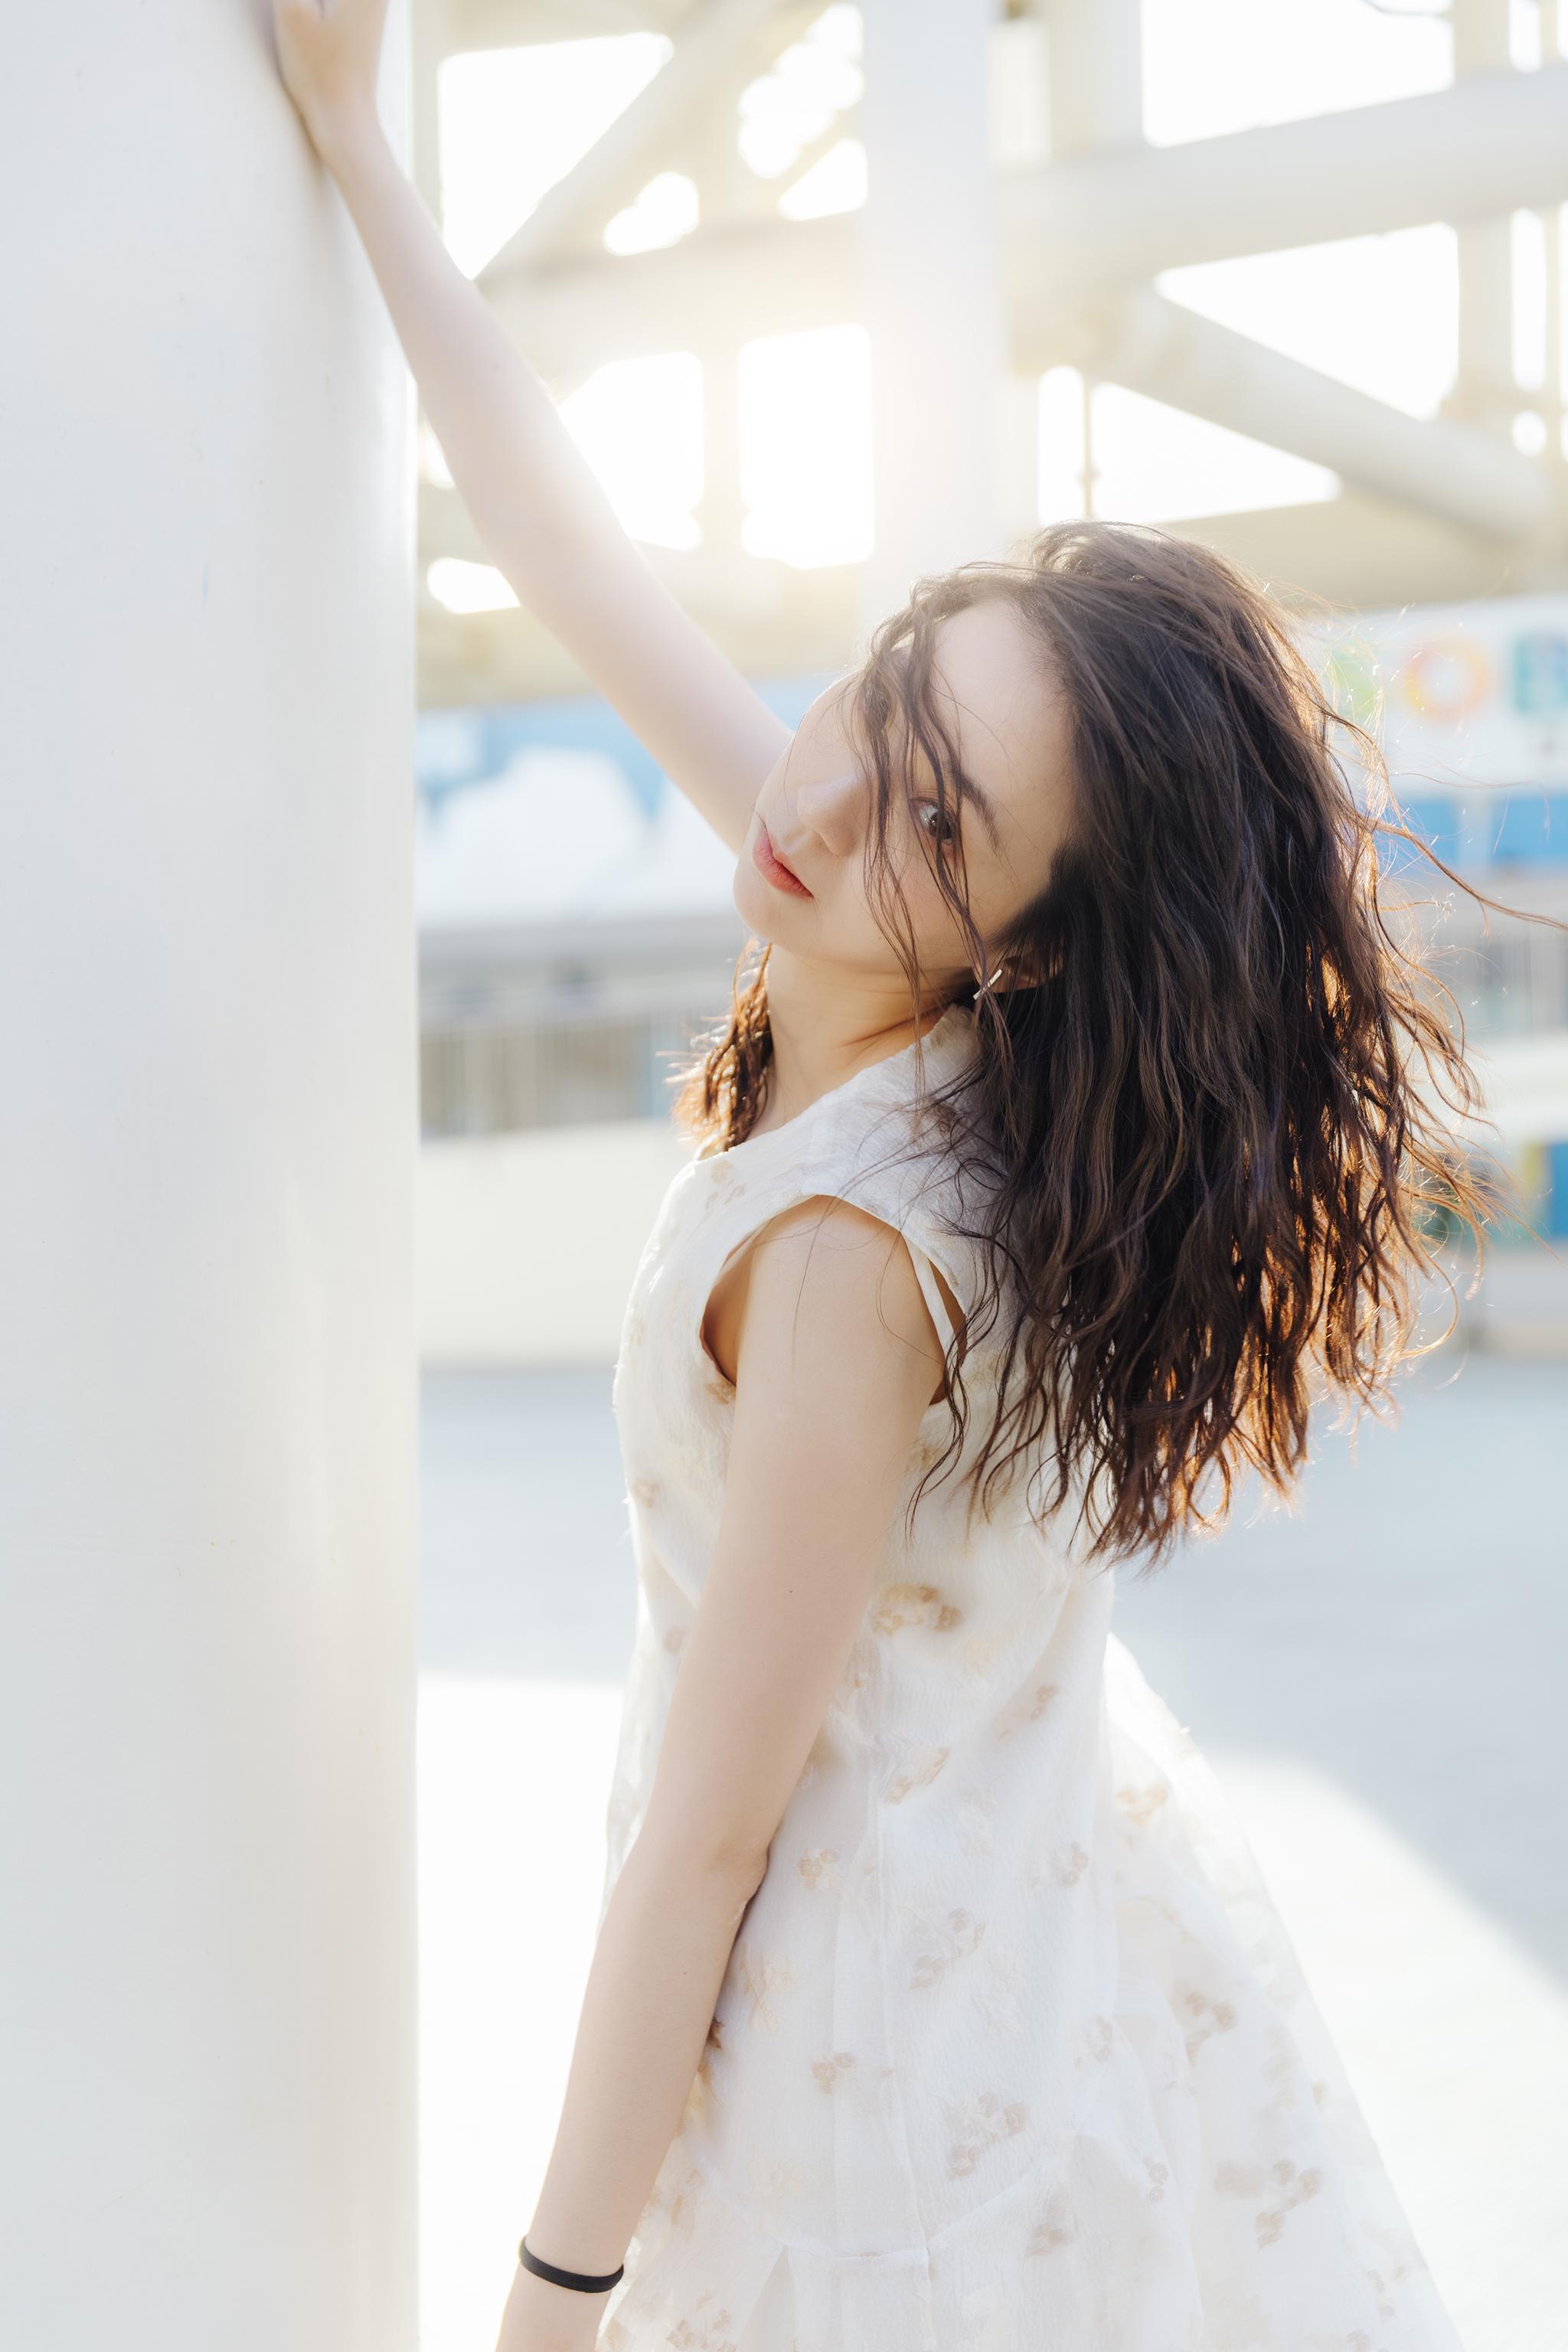 50476206226 3530f24da1 o - 【寫真】+Melody+EP2